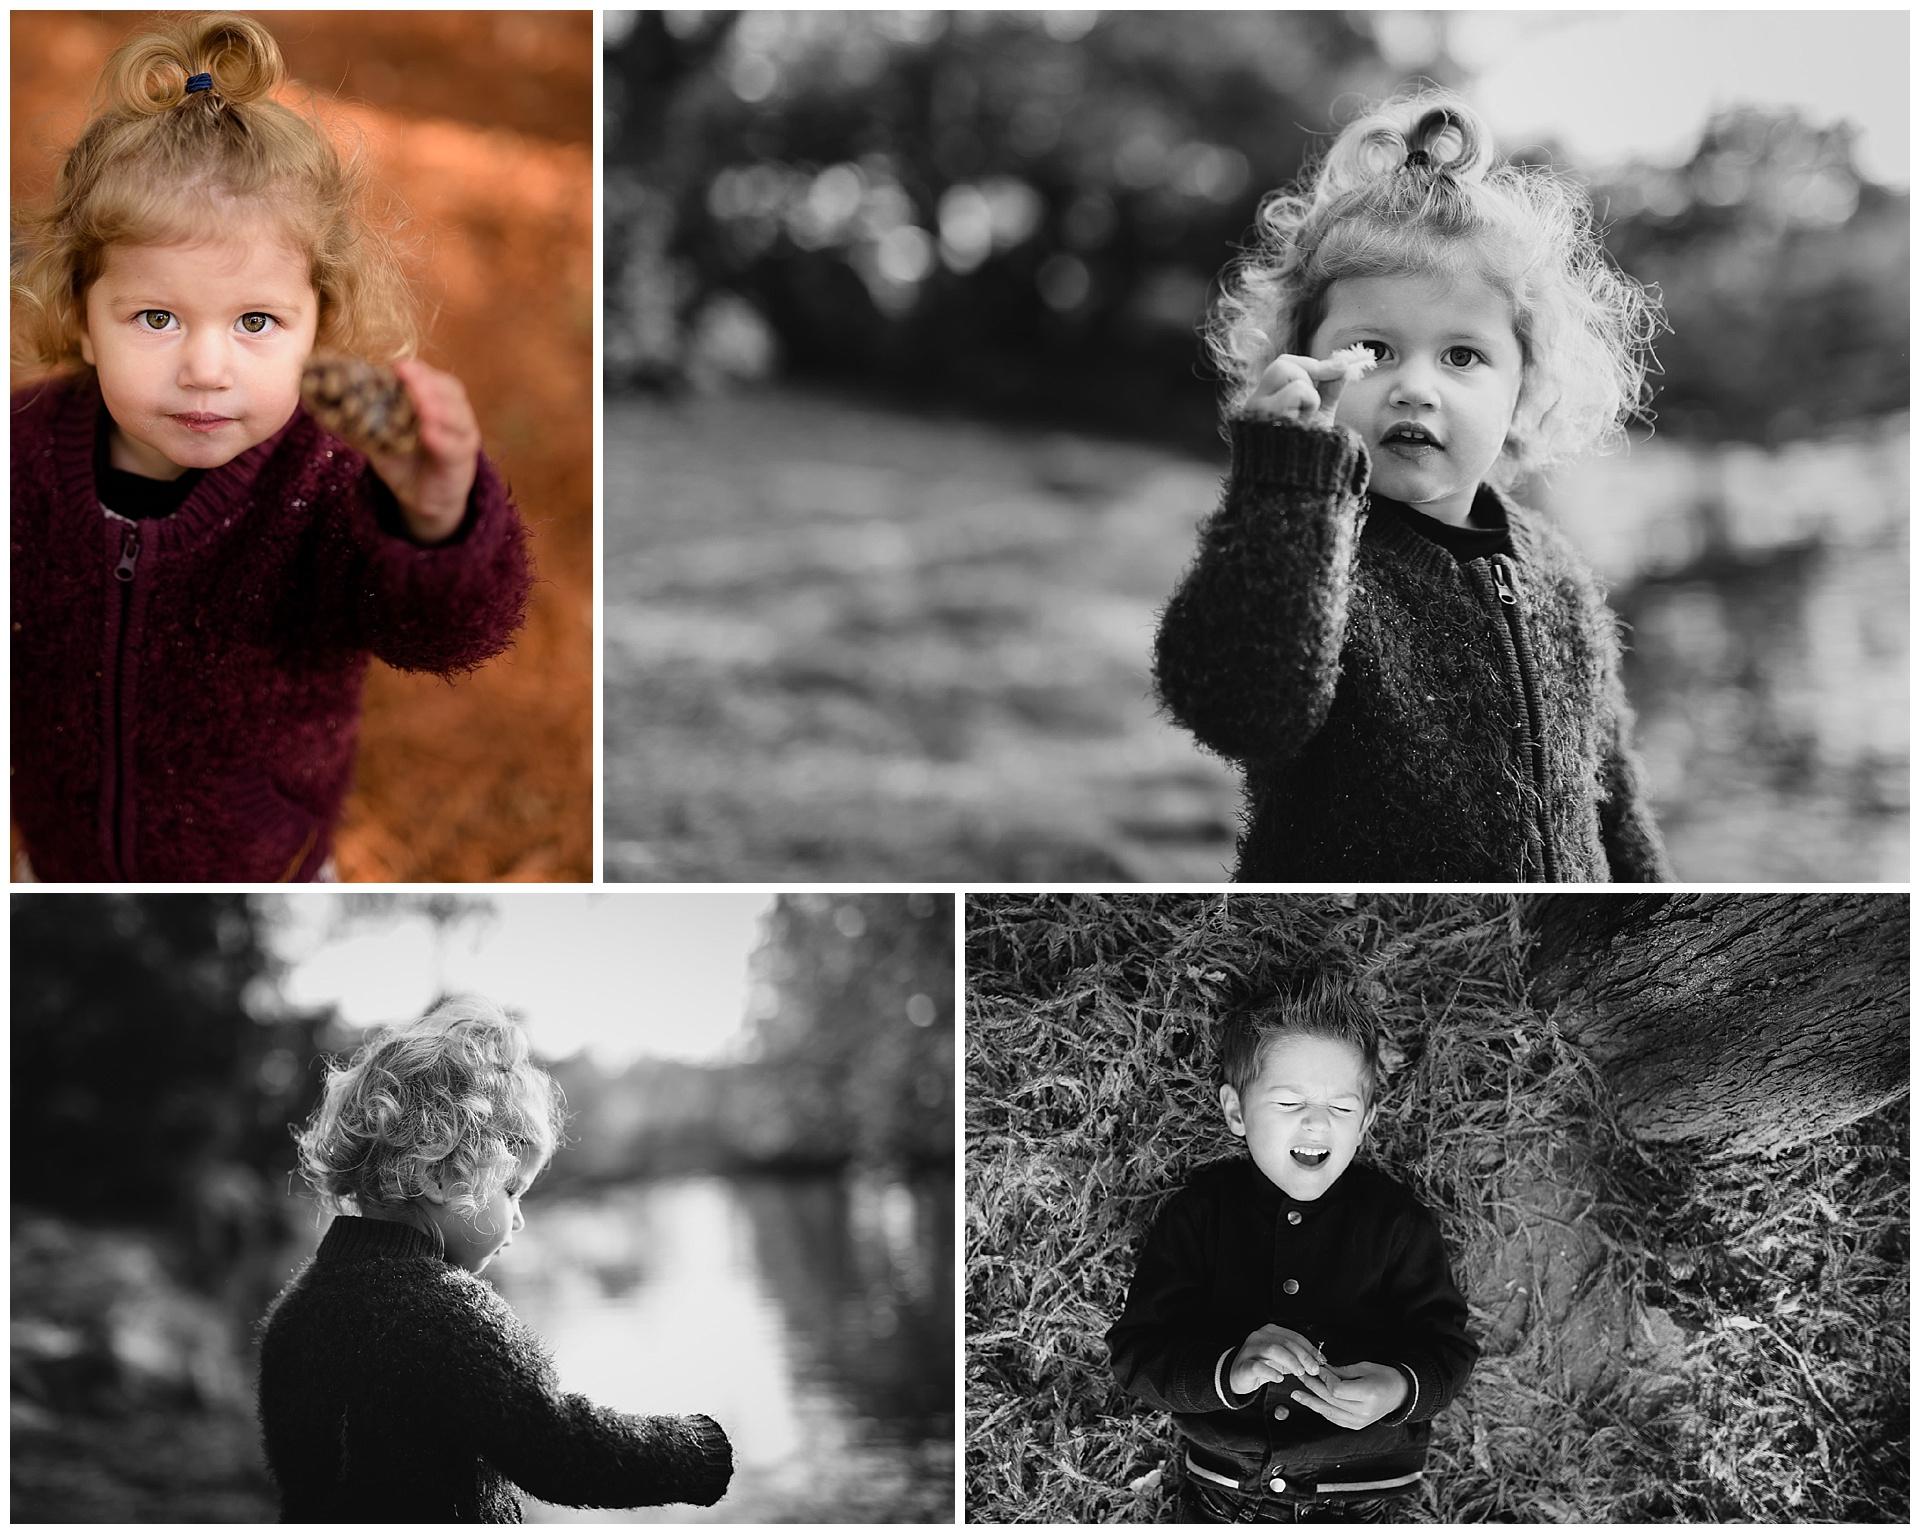 Séance Photo famille Le vesinet Chatou Yvelines Lifestyle Photographe automne Hauts de seine